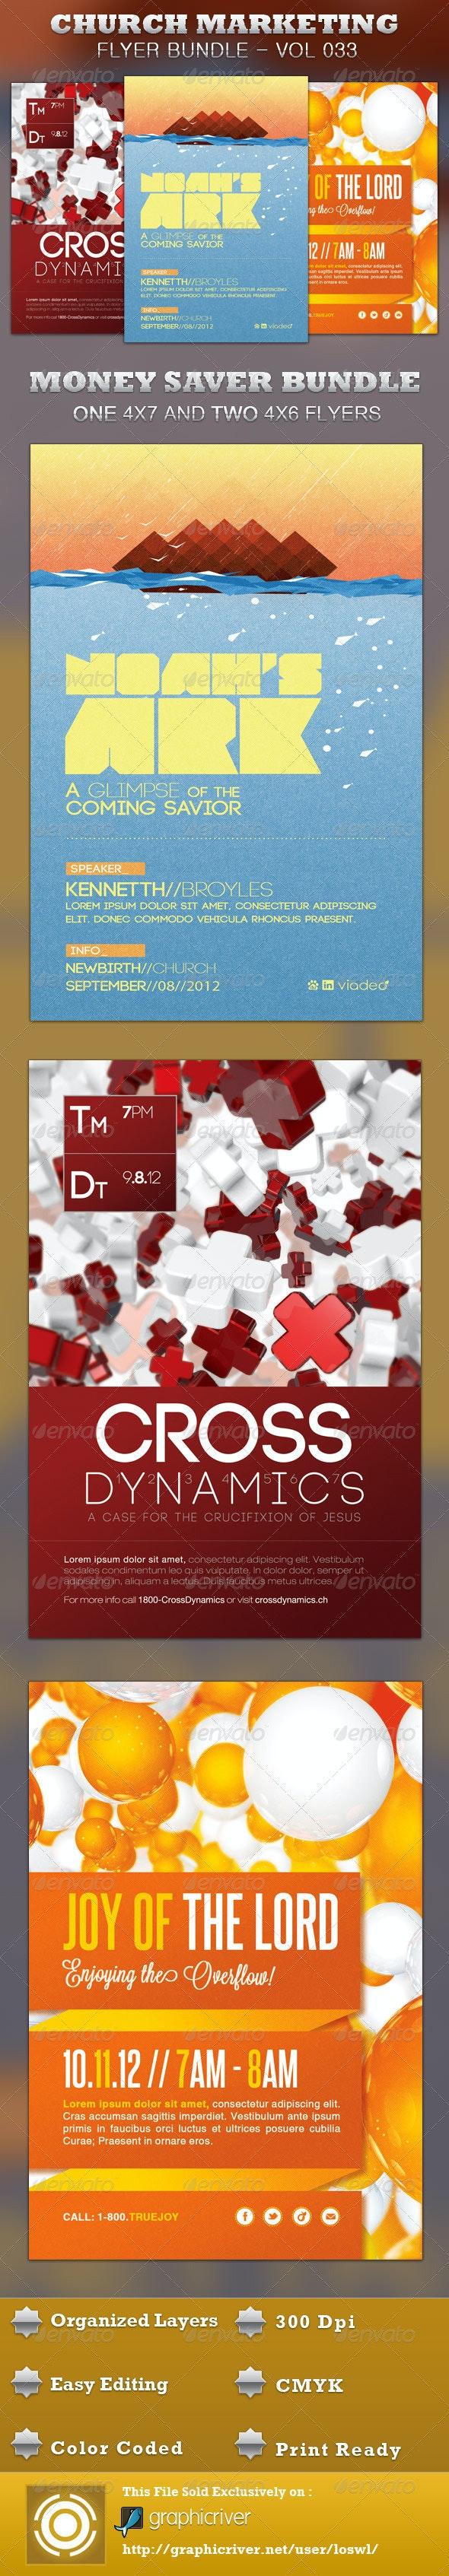 Church Marketing Flyer Bundle Vol 033 - Church Flyers